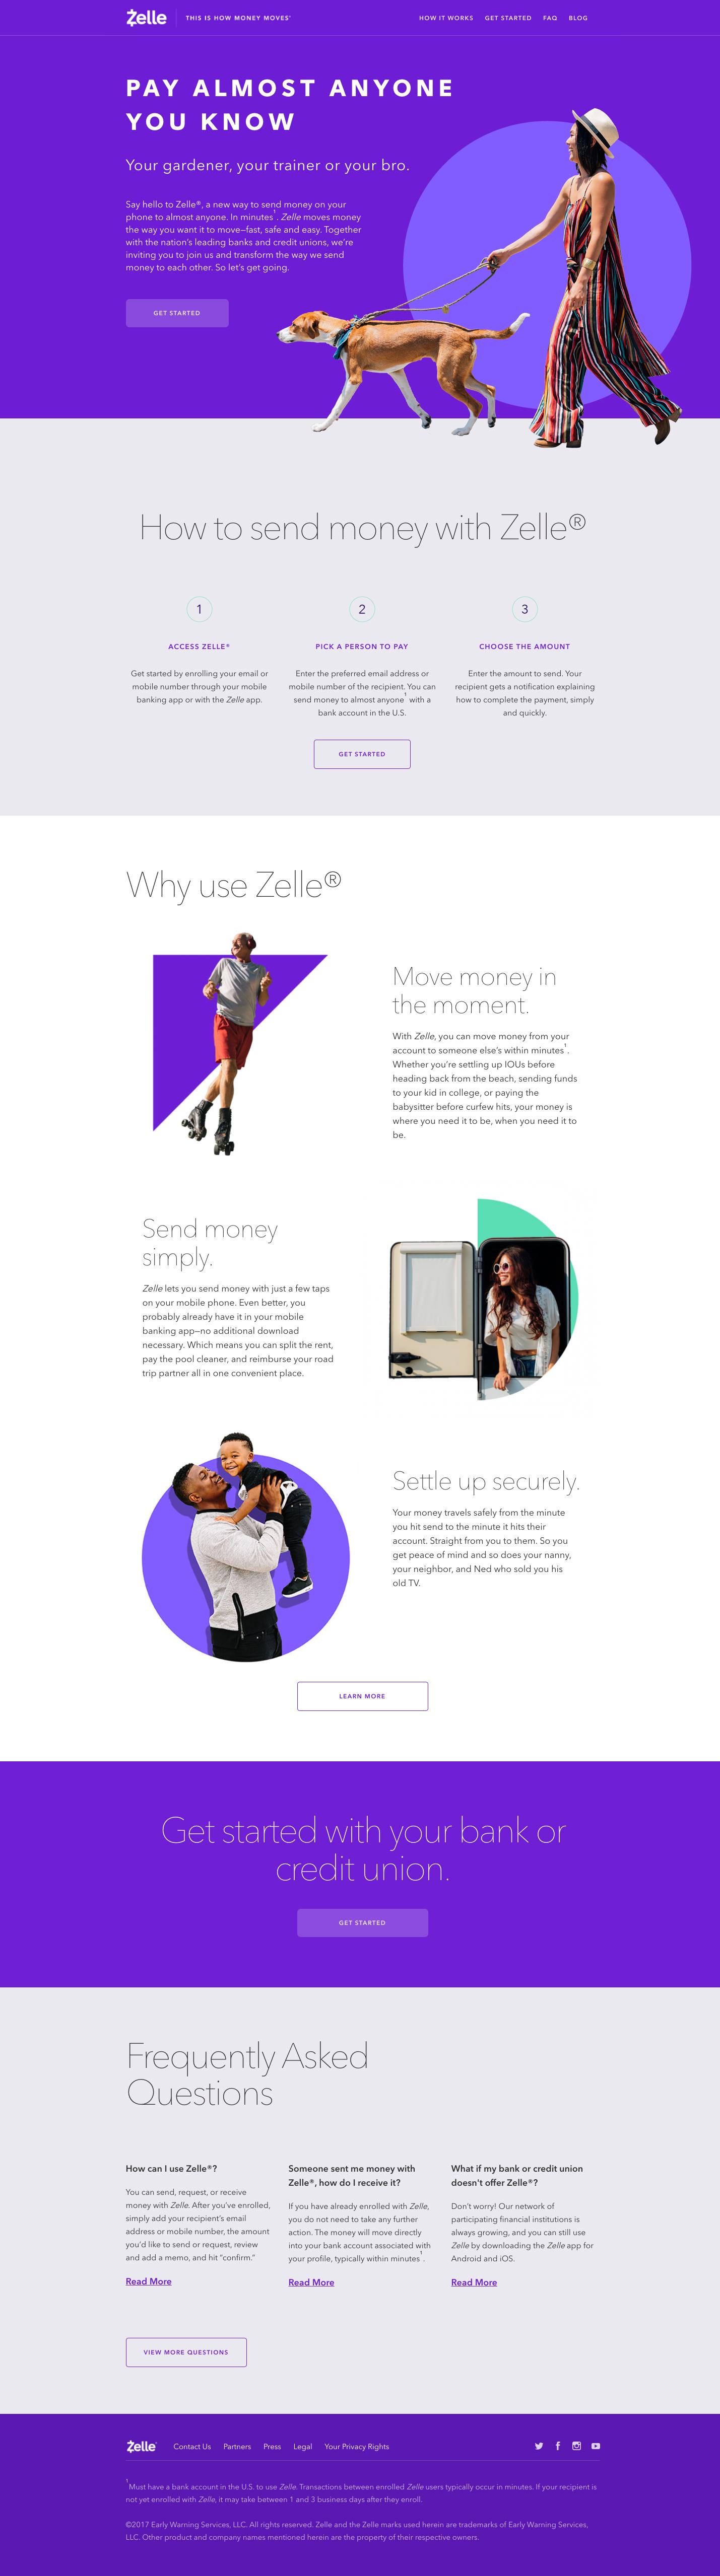 zelle_homepage.jpg